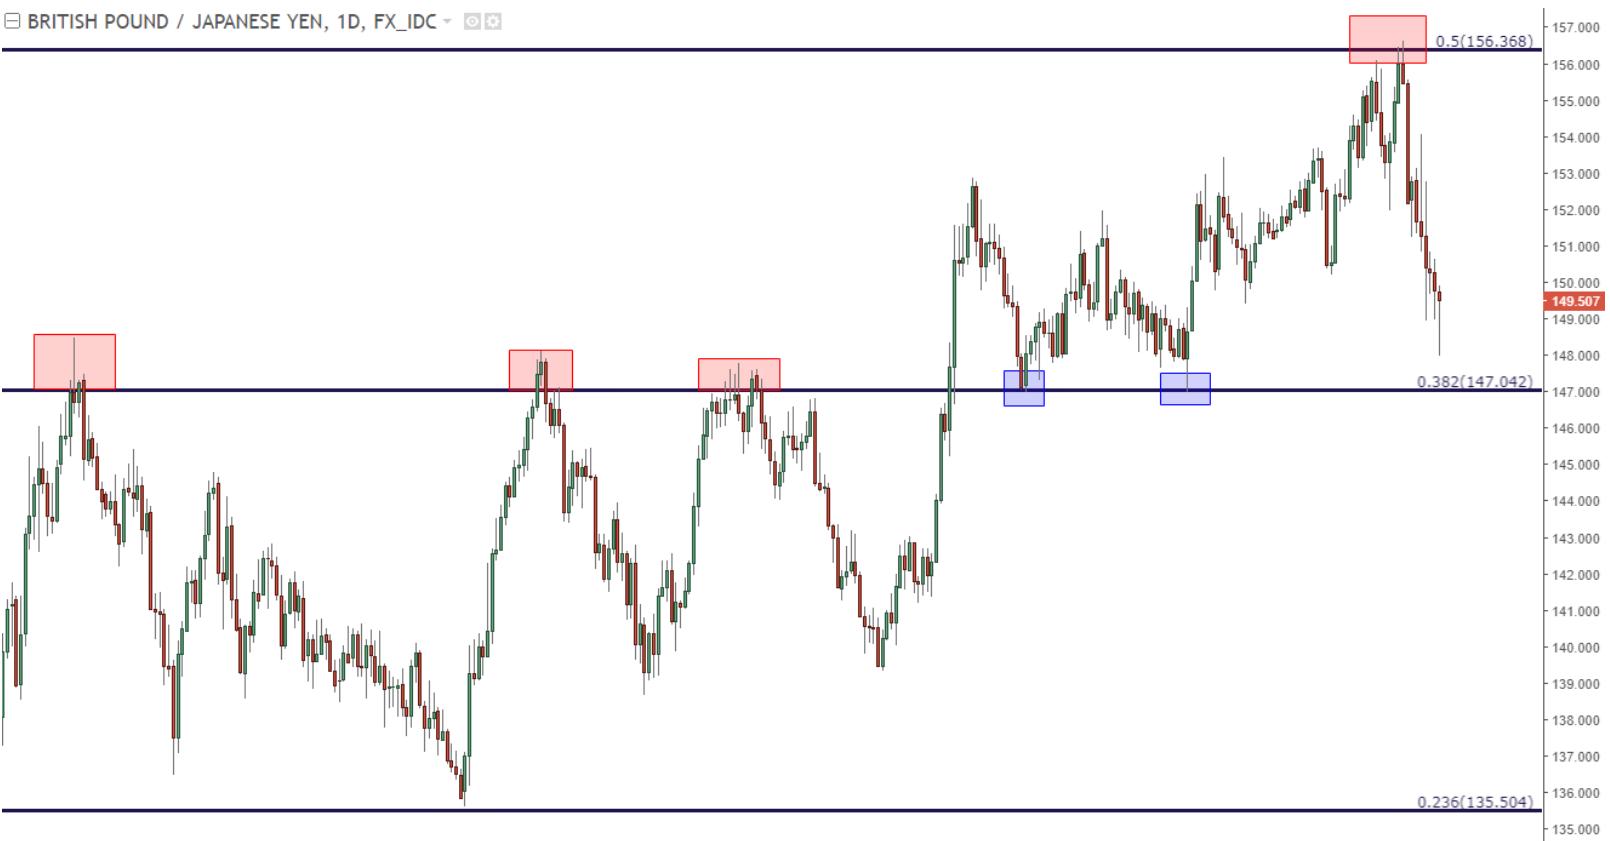 英镑/日元:能否自长期趋势线反弹?